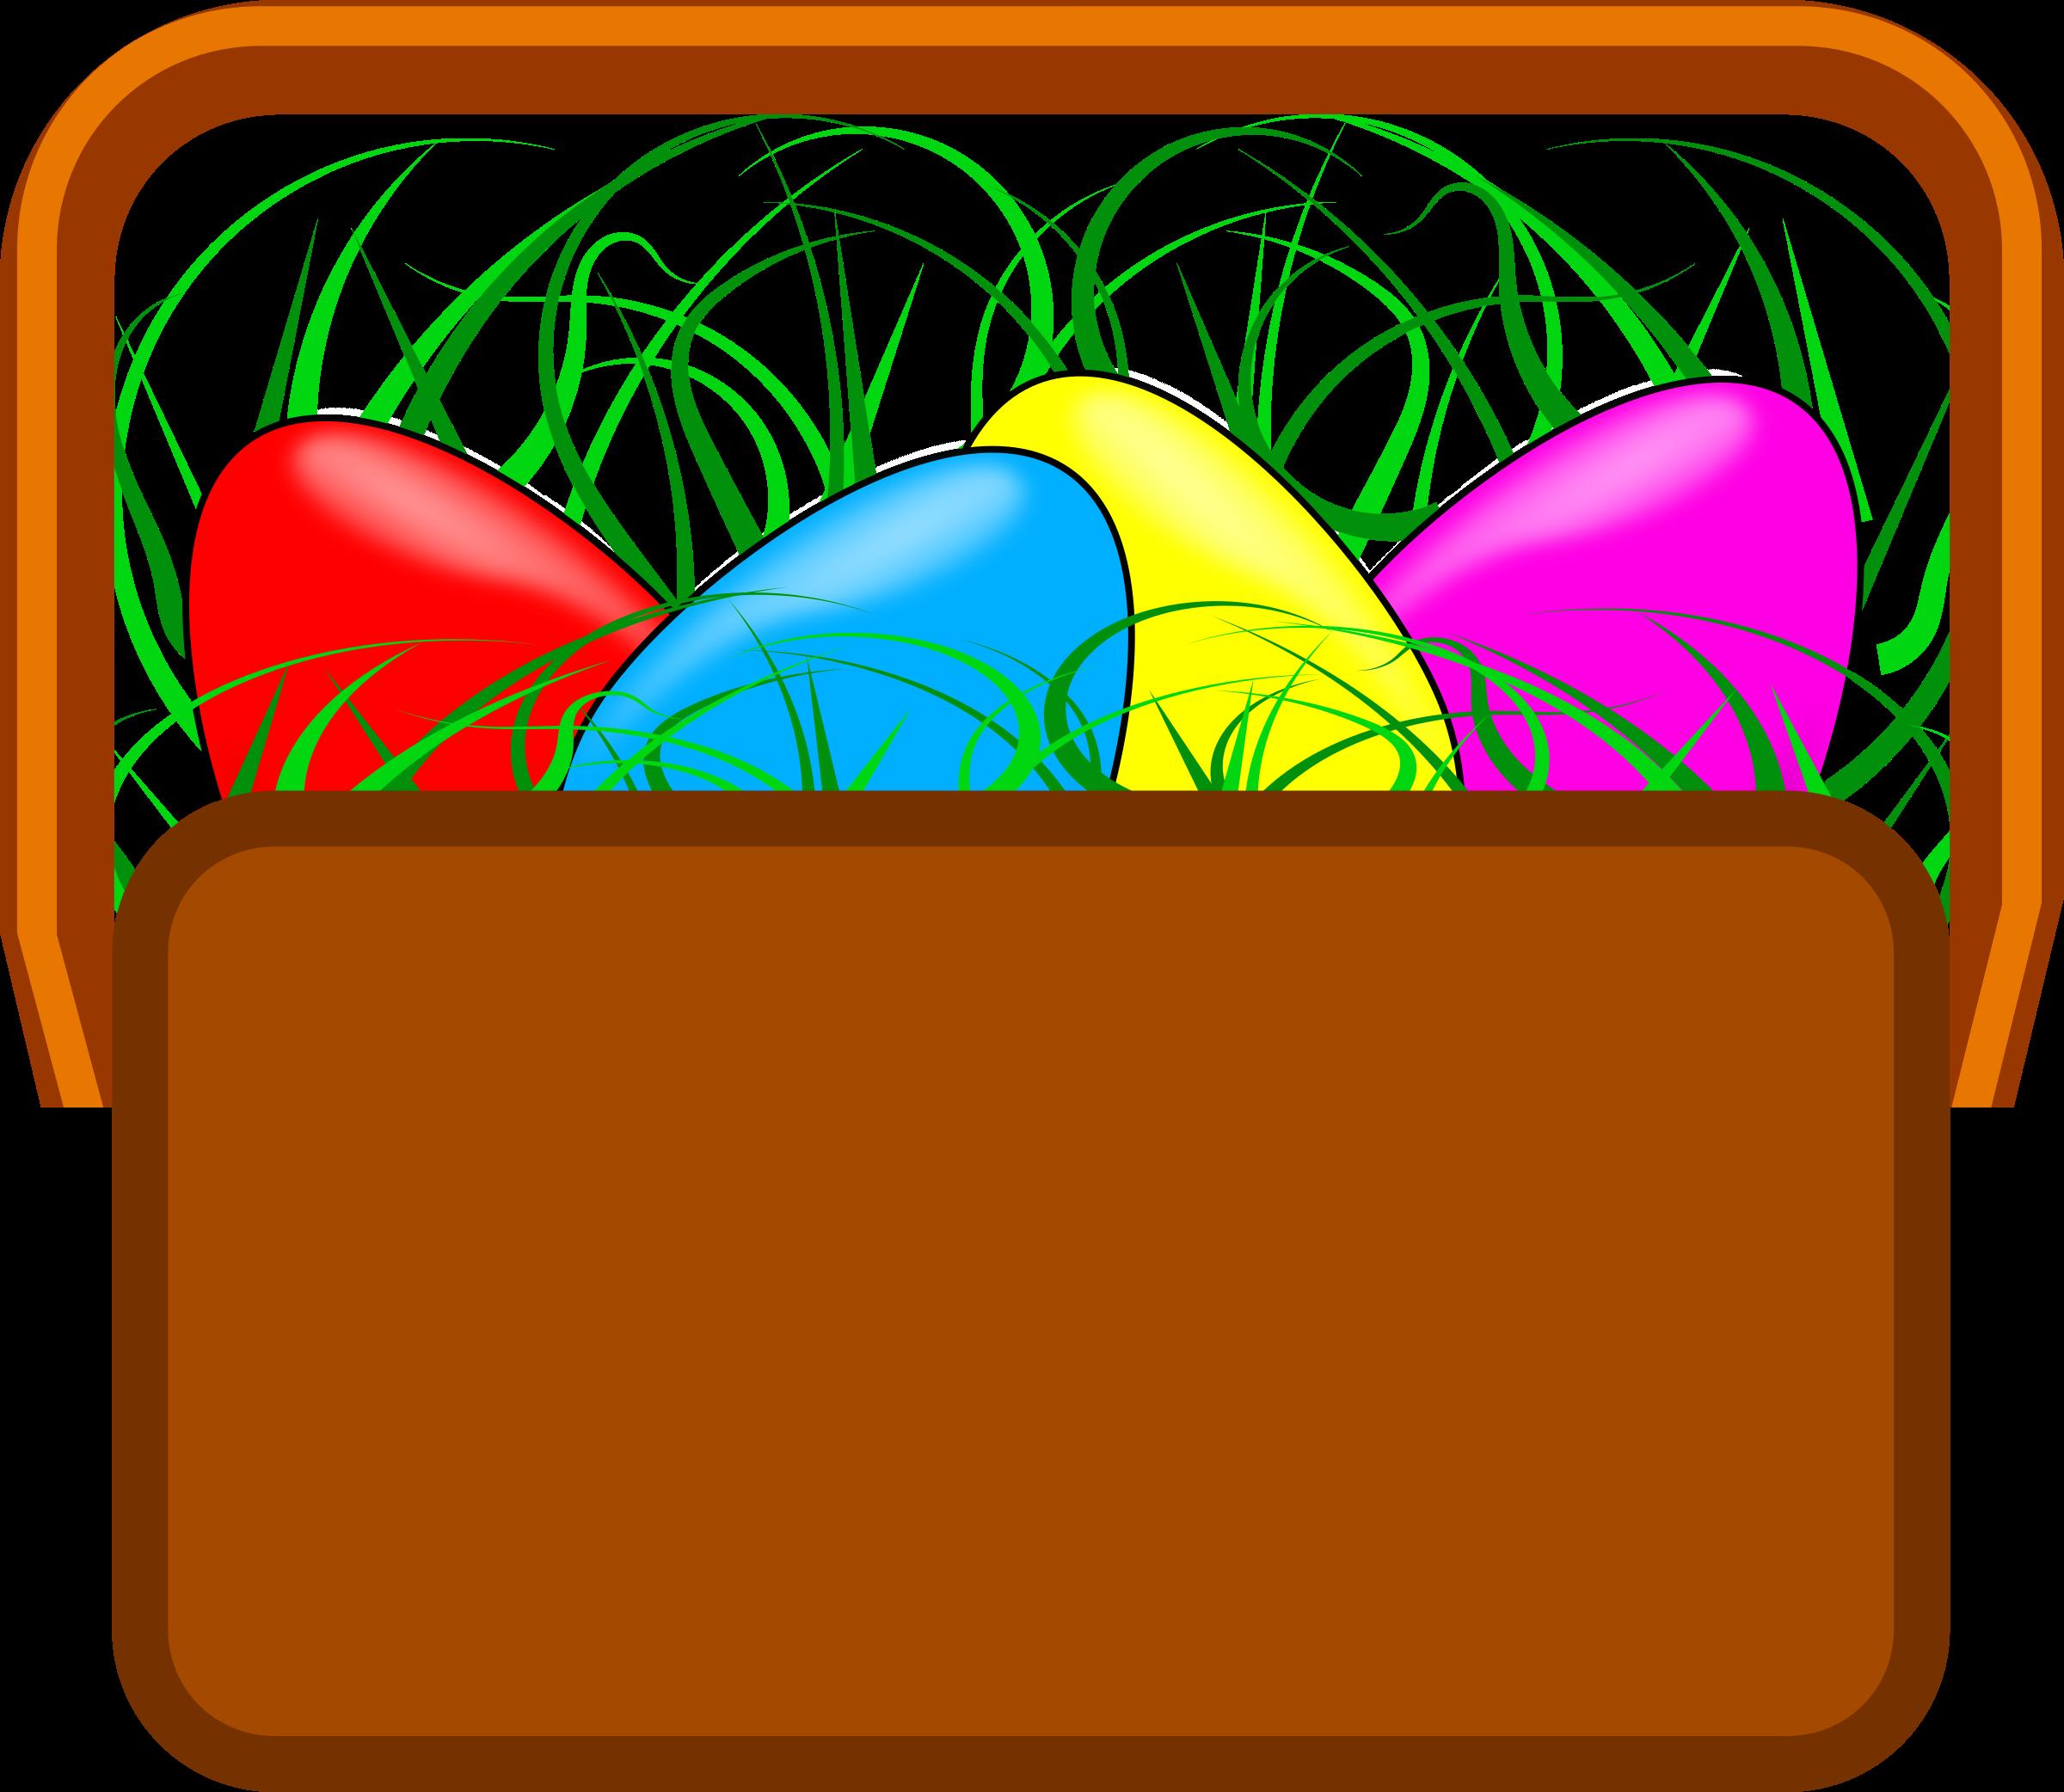 Clipart easter basket vector freeuse download Clipart - Easter Basket Clipart vector freeuse download